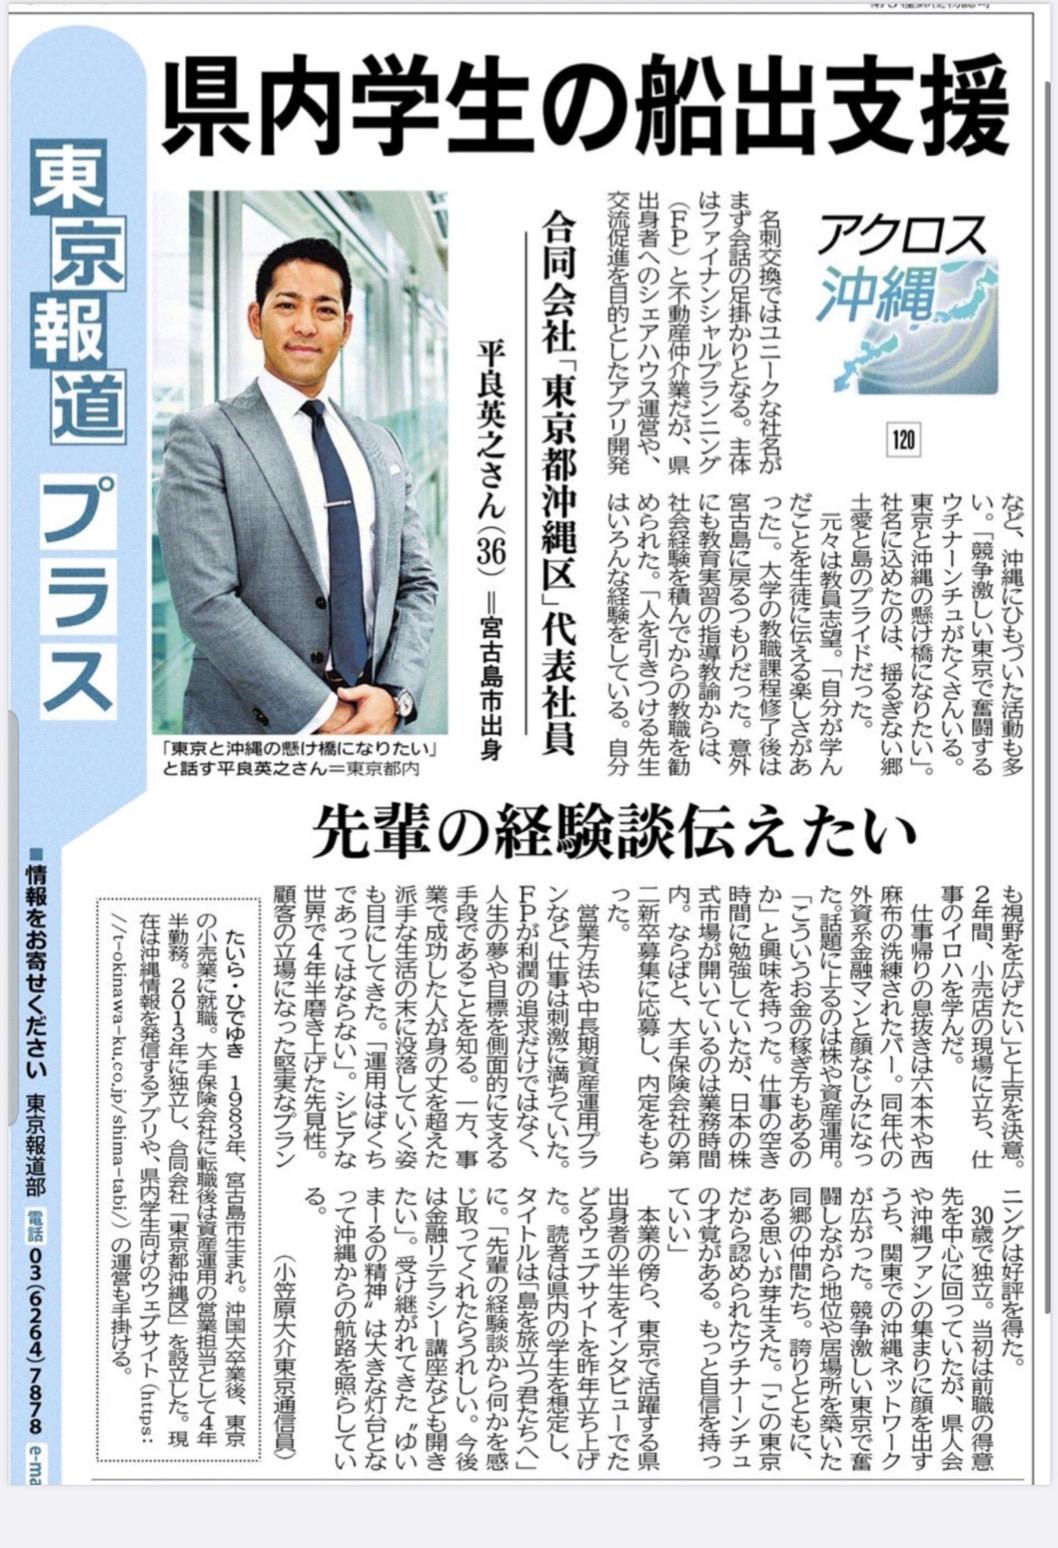 2019年10月29日沖縄タイムス紙インタビュー